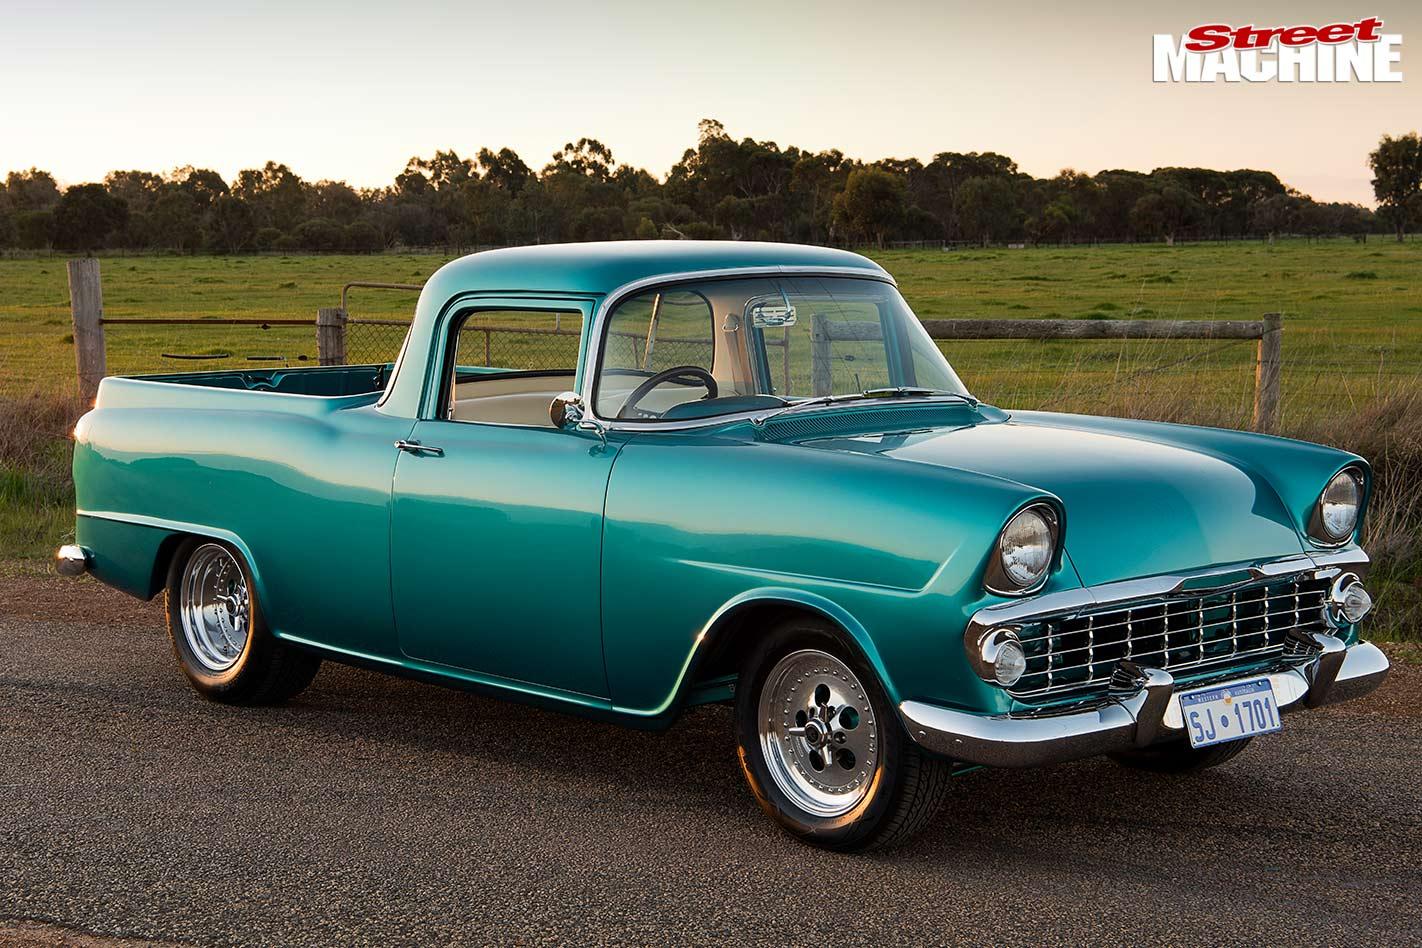 55697c0f042 350-cube 1962 Holden EK ute